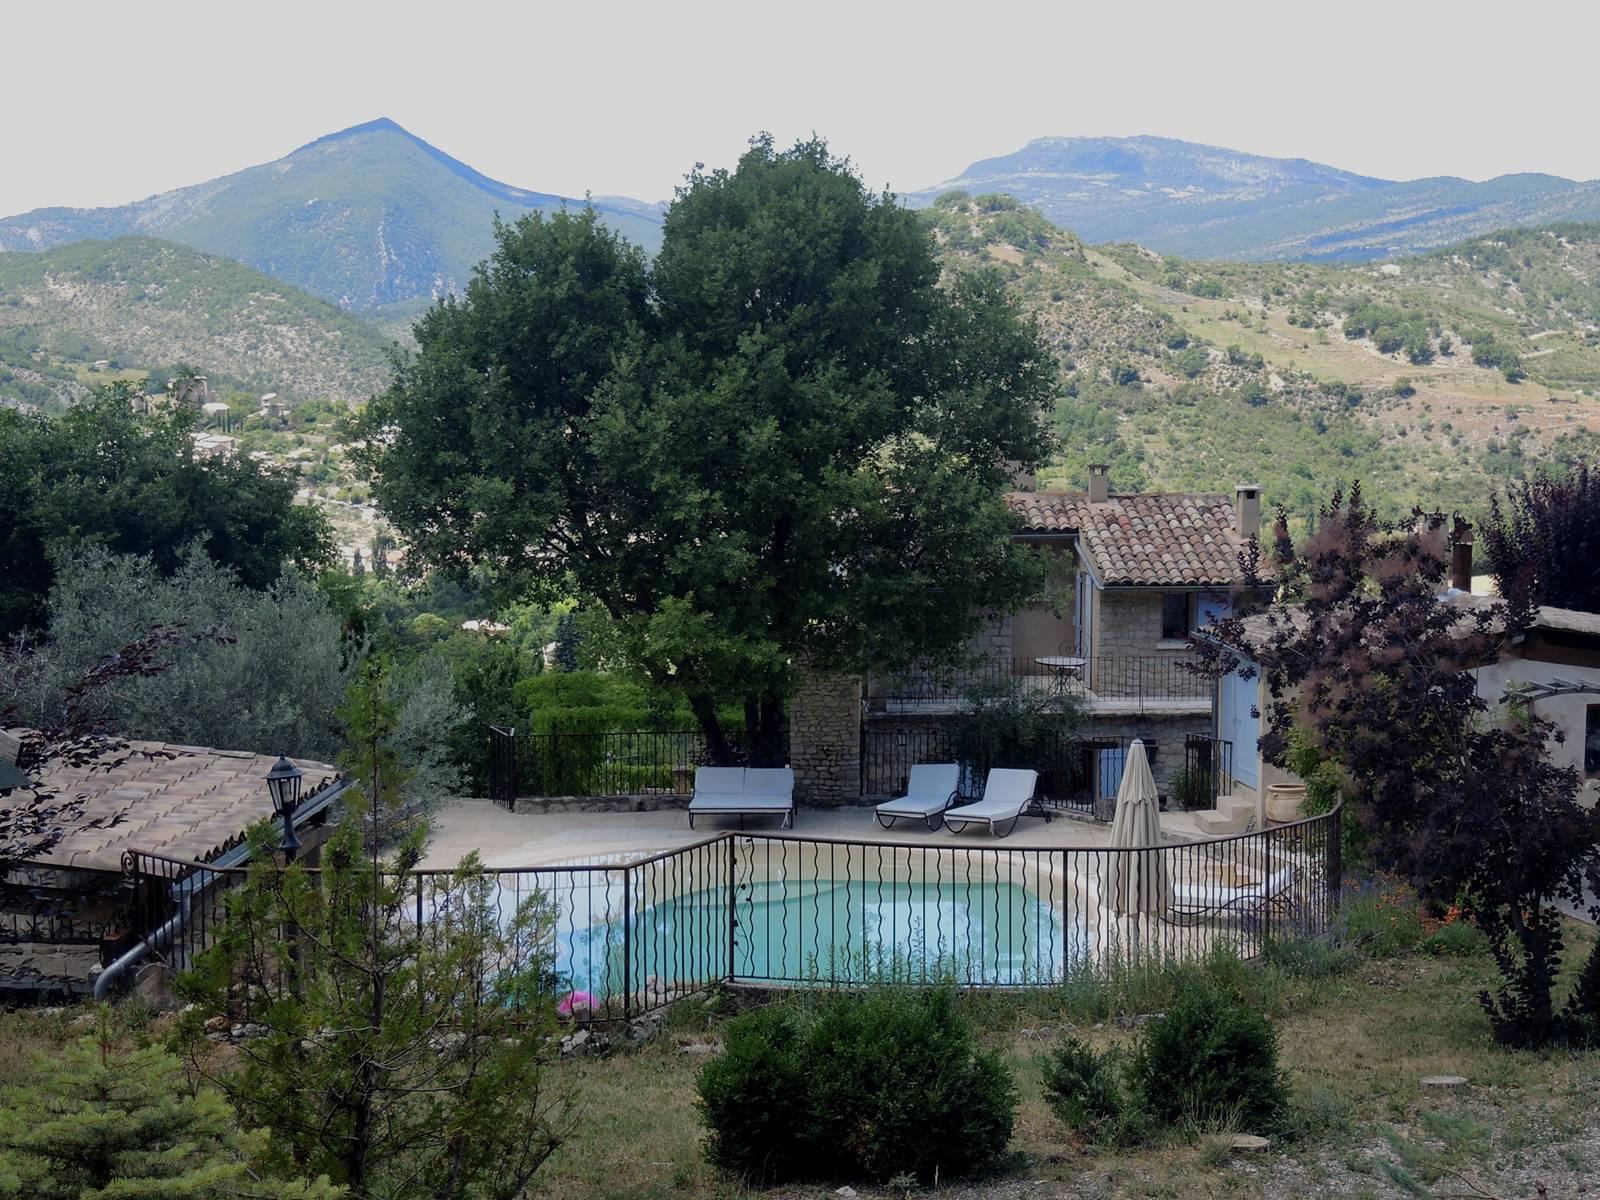 Vue de la maison et de la piscine